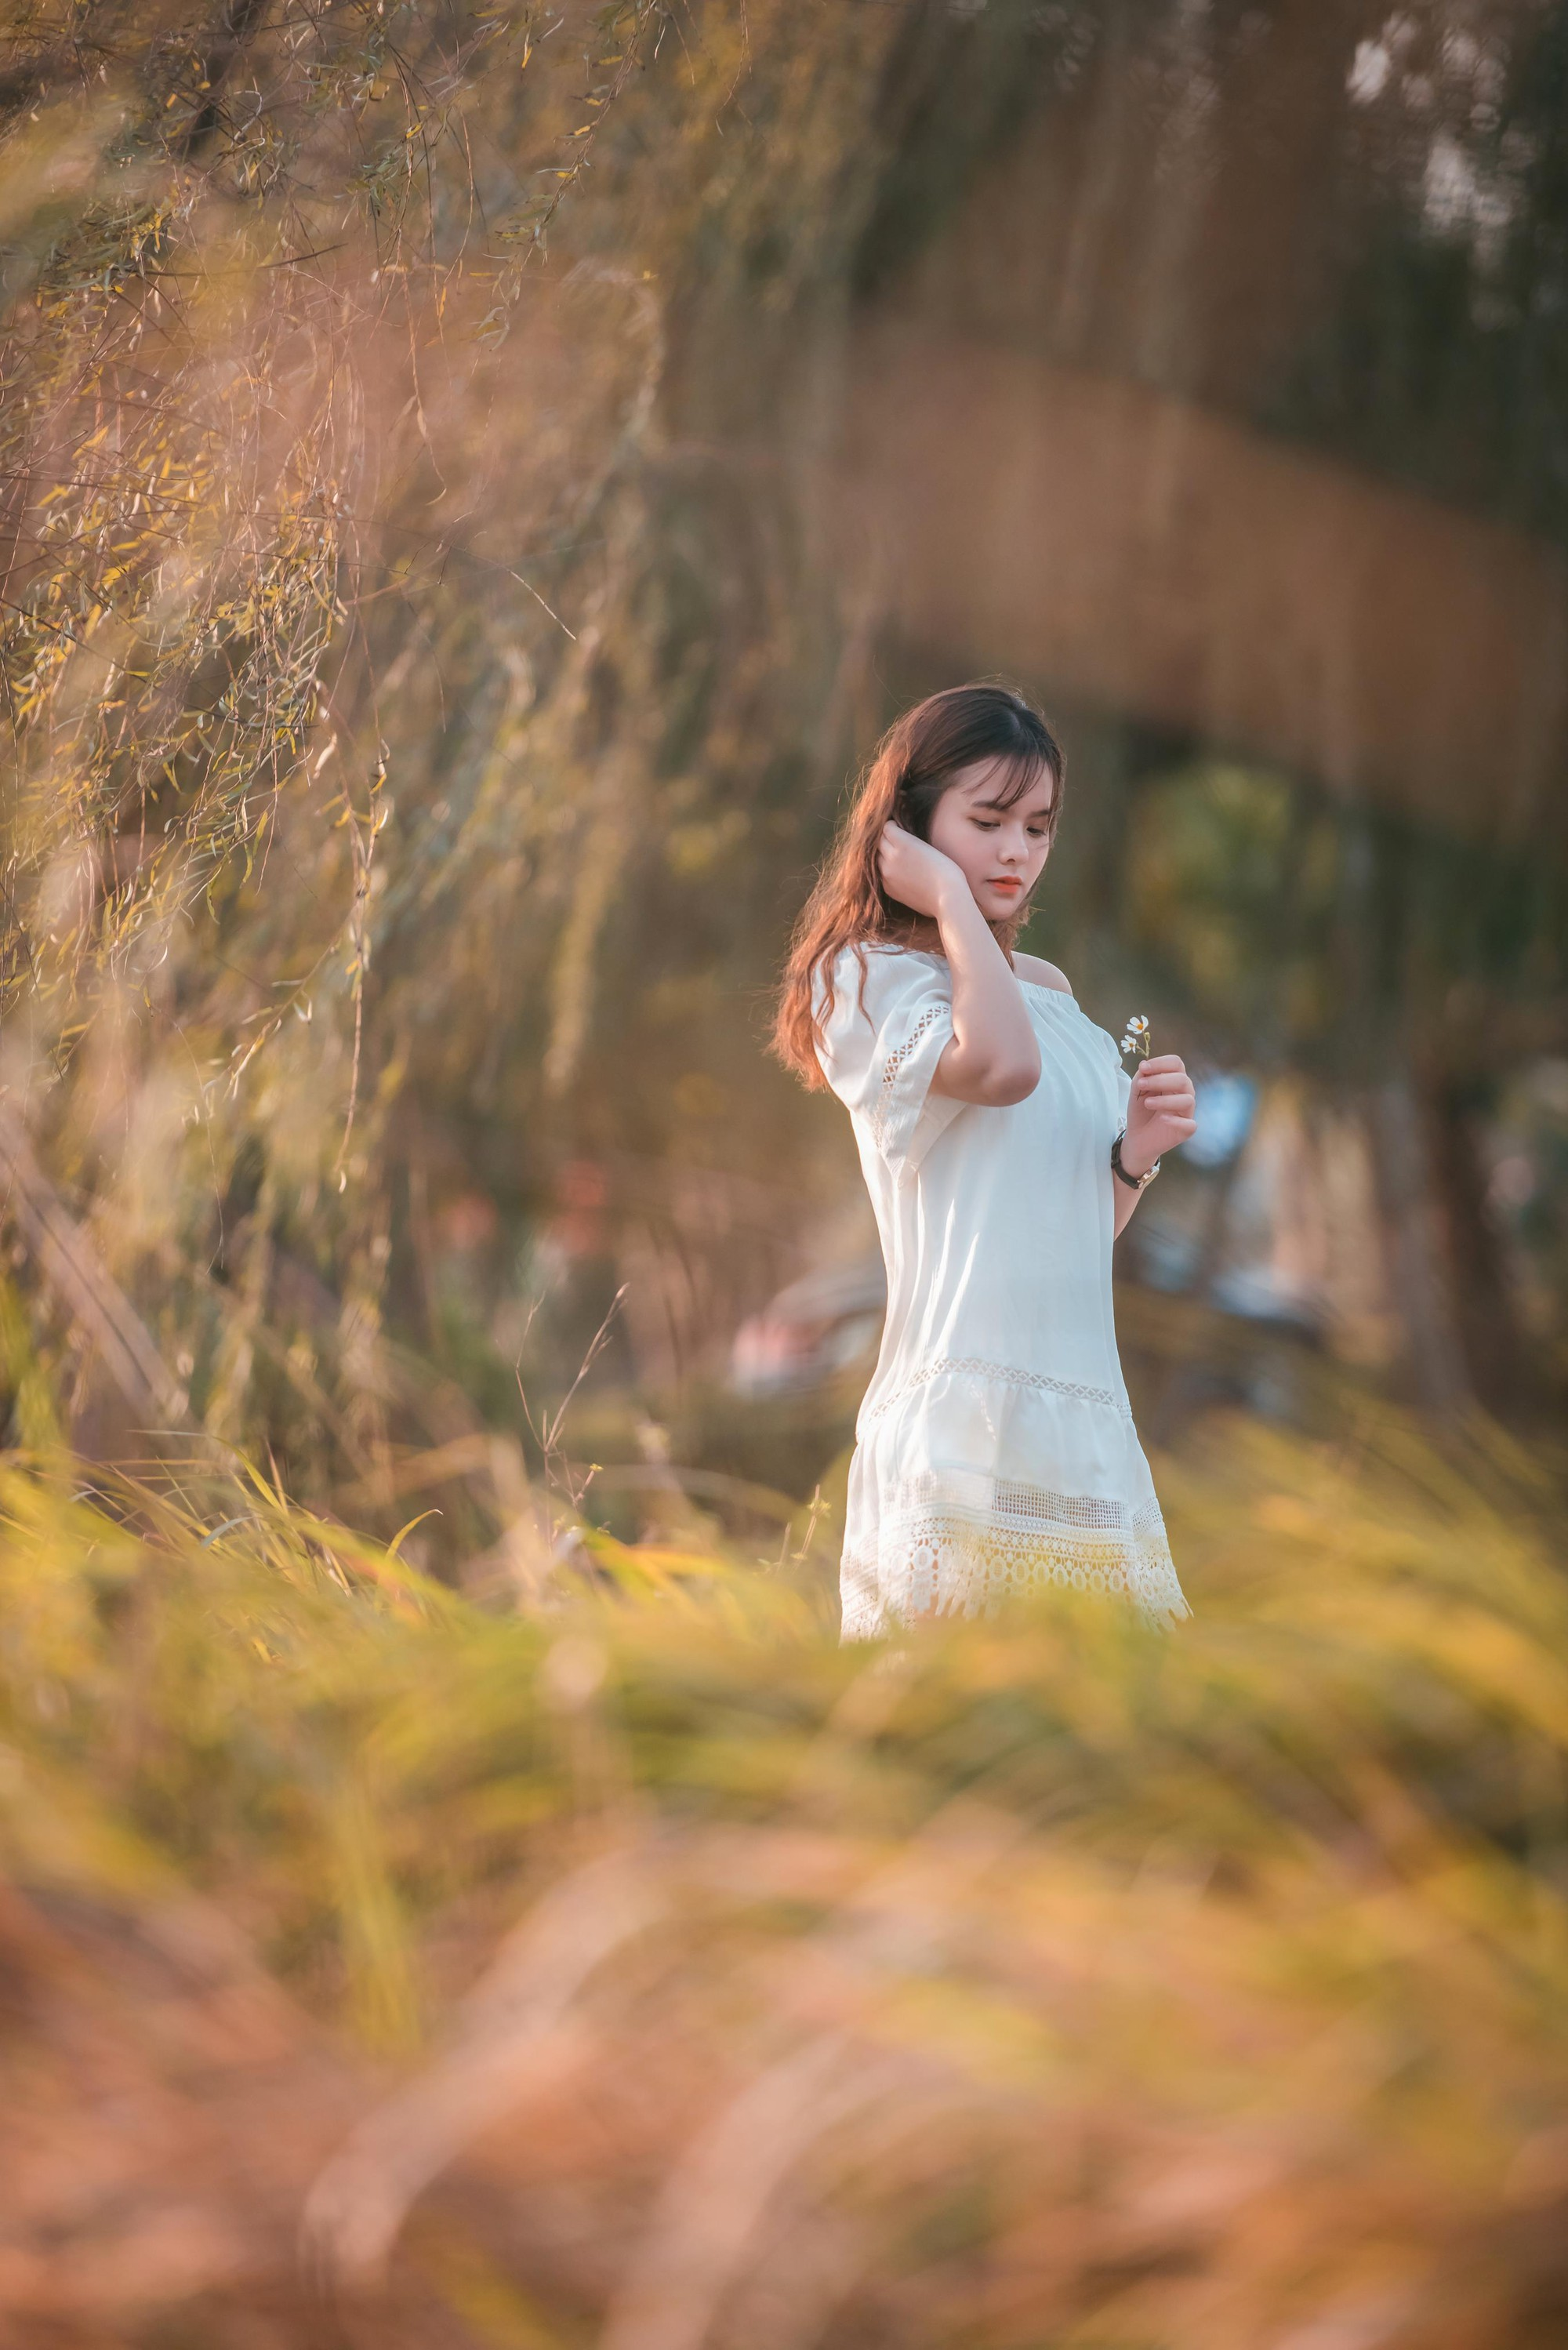 Lại xuất hiện thêm một cô bạn Việt sở hữu vẻ đẹp lai khó rời mắt! - Ảnh 10.